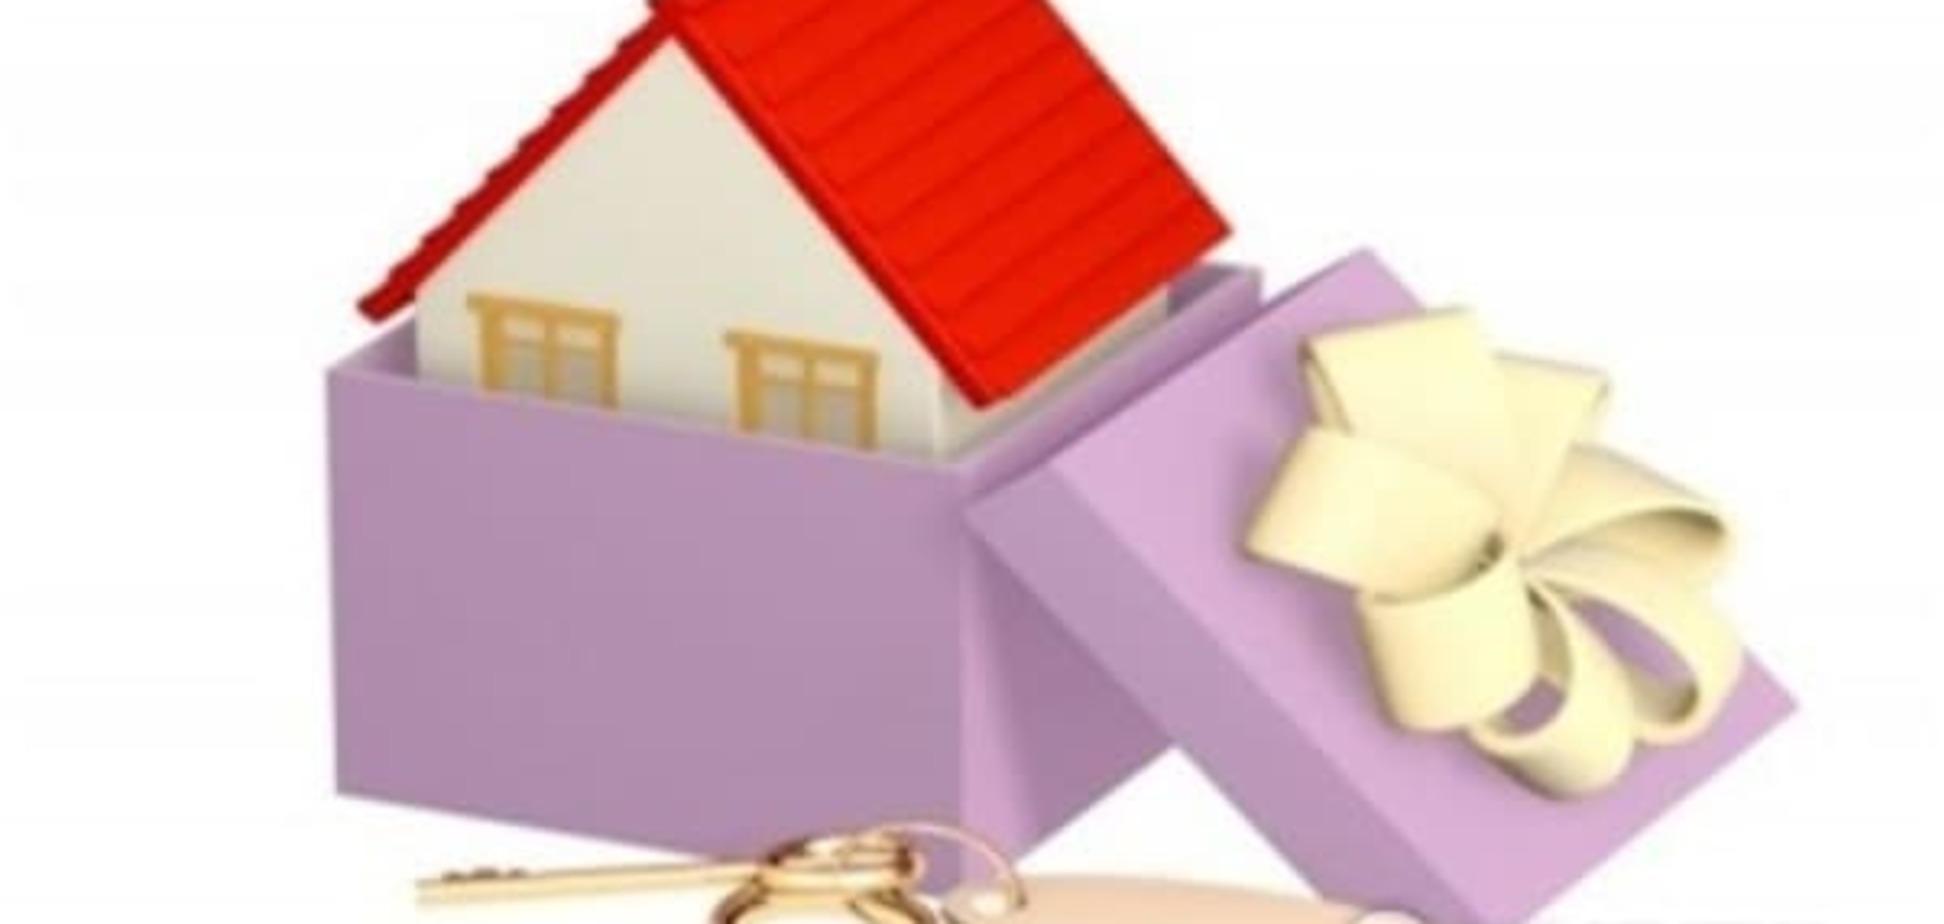 Эксперты объяснили, как правильно оформить дарственную на жилье в Украине